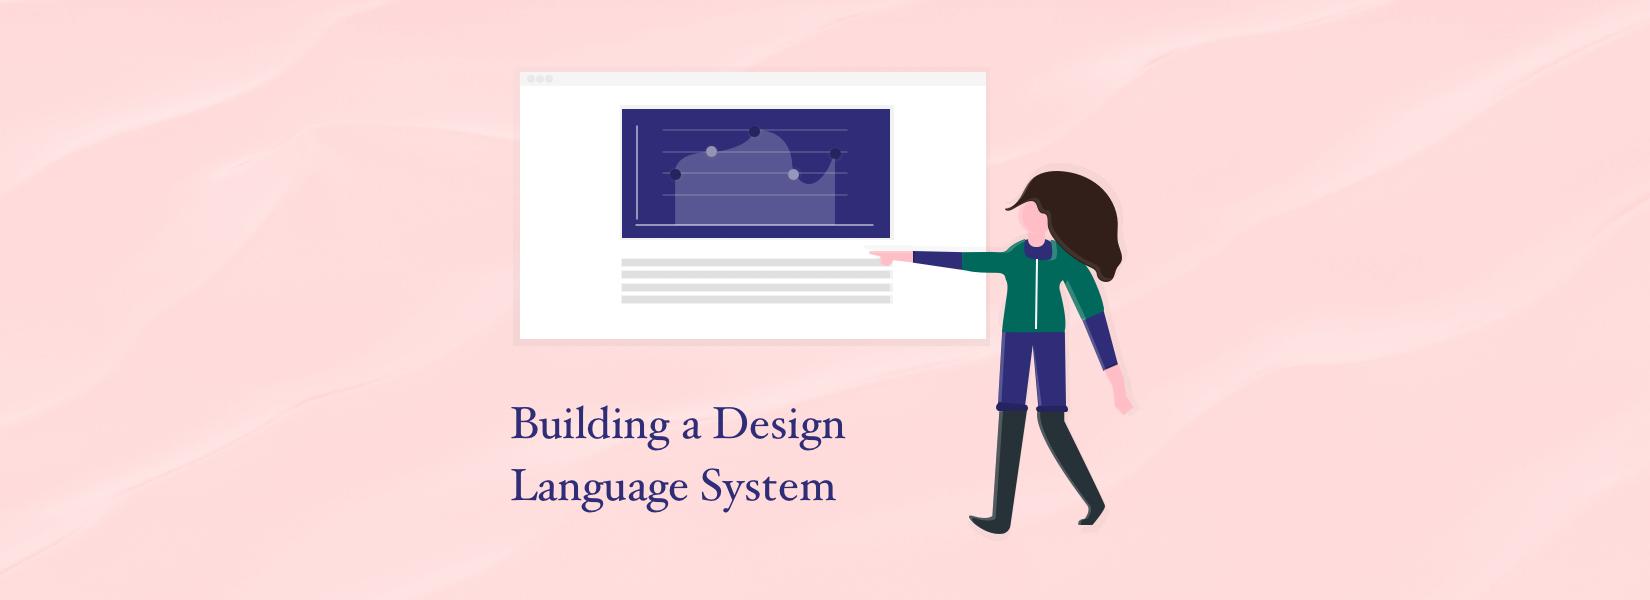 Building a Design Language System - Part 1 #DLS